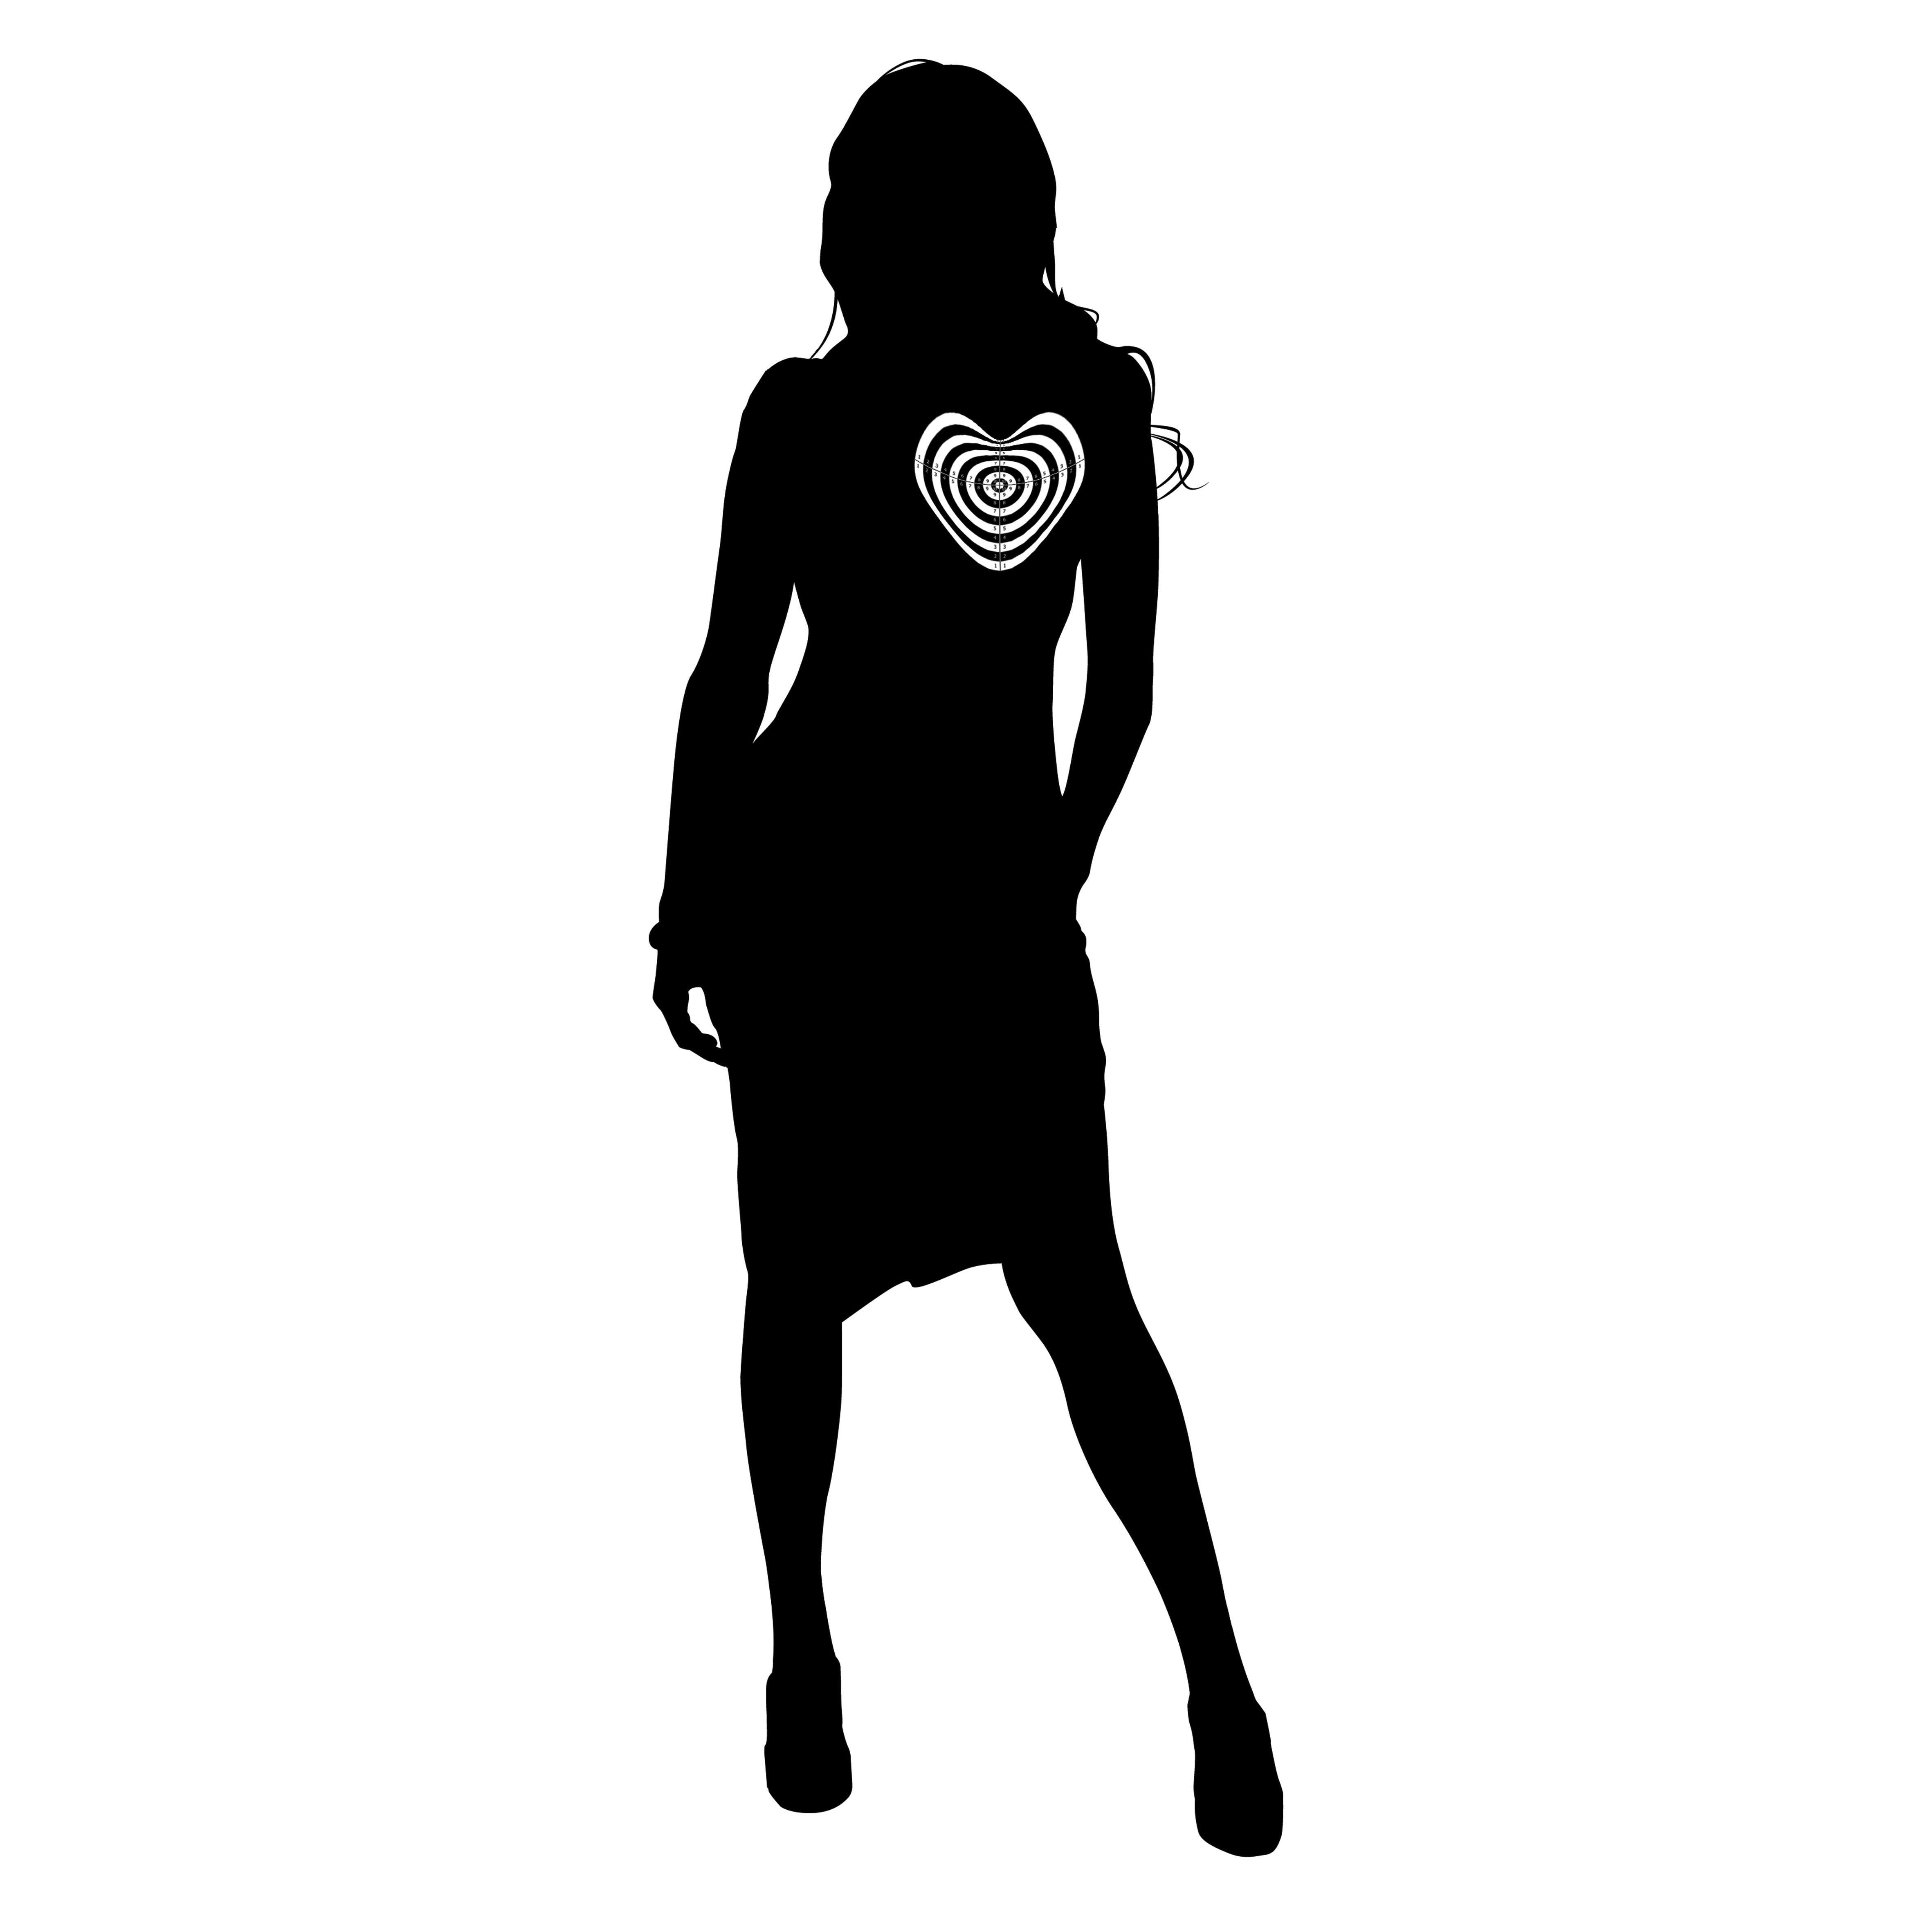 sombra femenina con diana